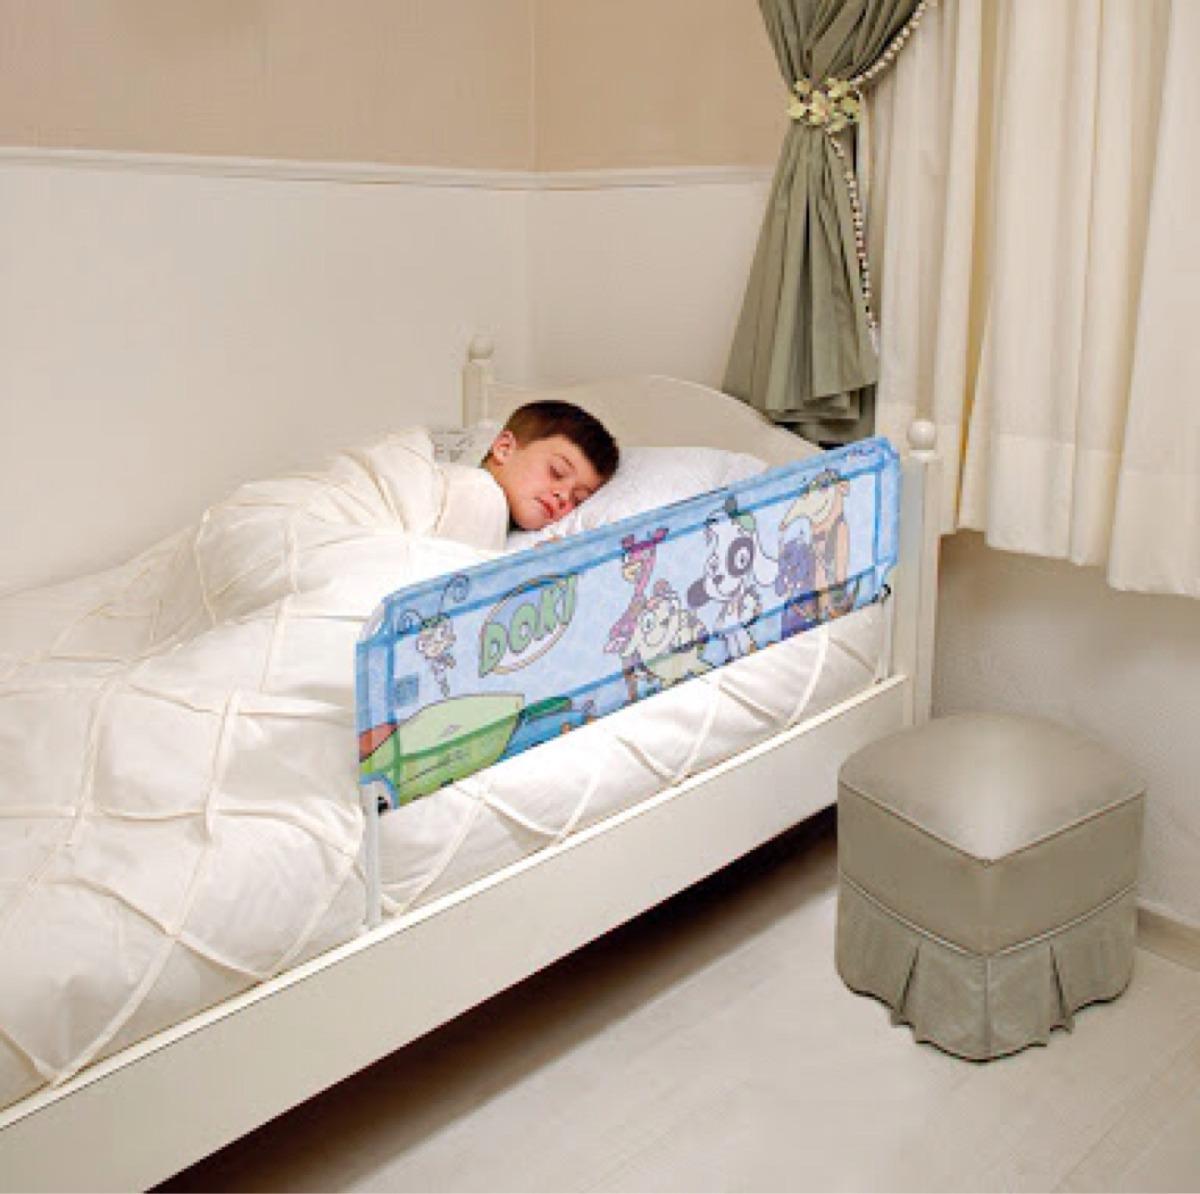 Grade de cama infantil doki discovery kids r 72 40 em - Dosel para cama infantil ...